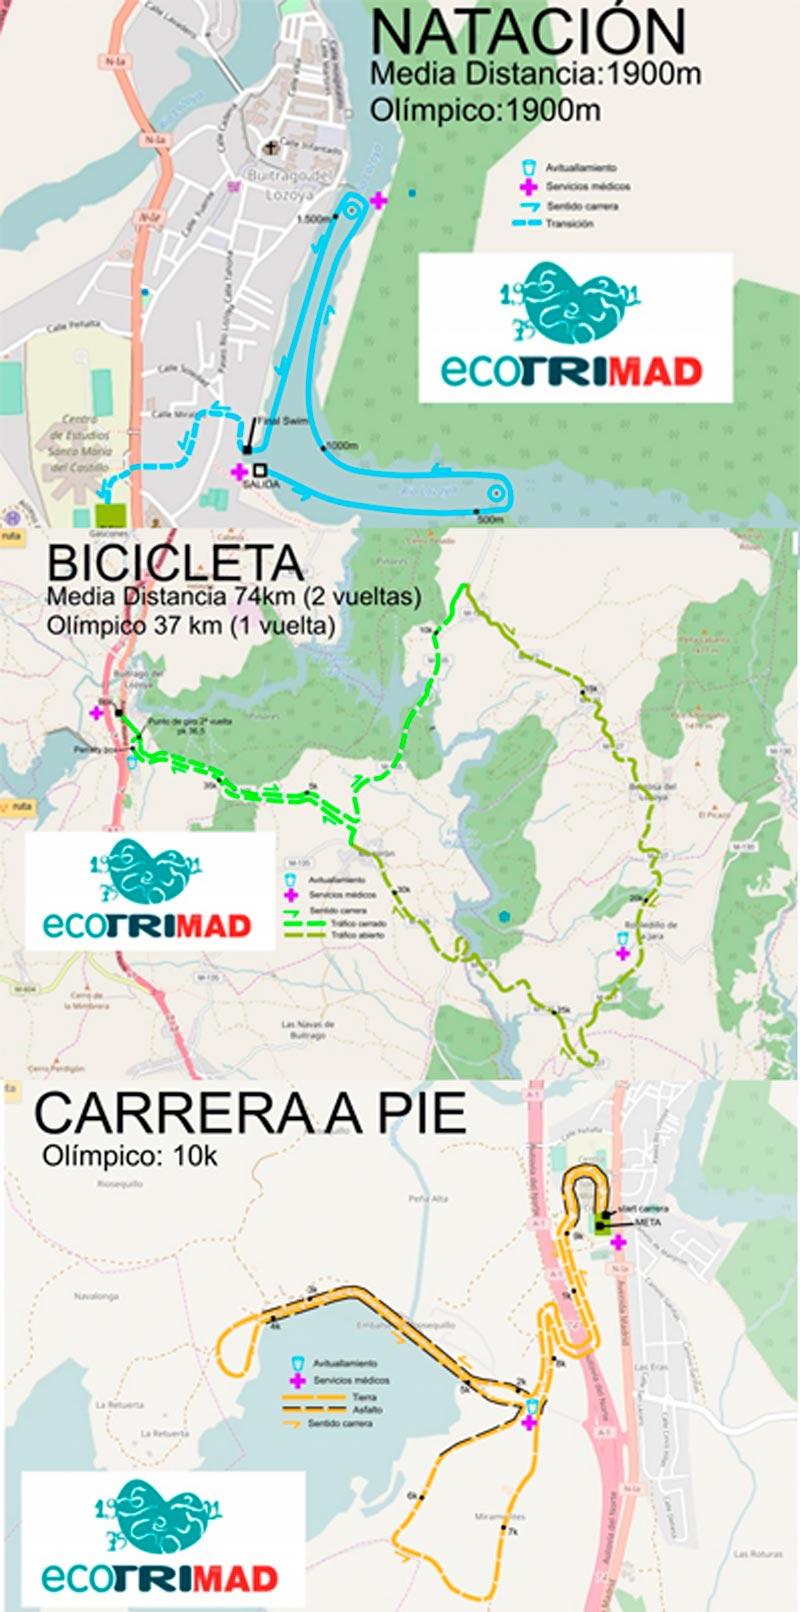 circuito triatlon ecotrimad